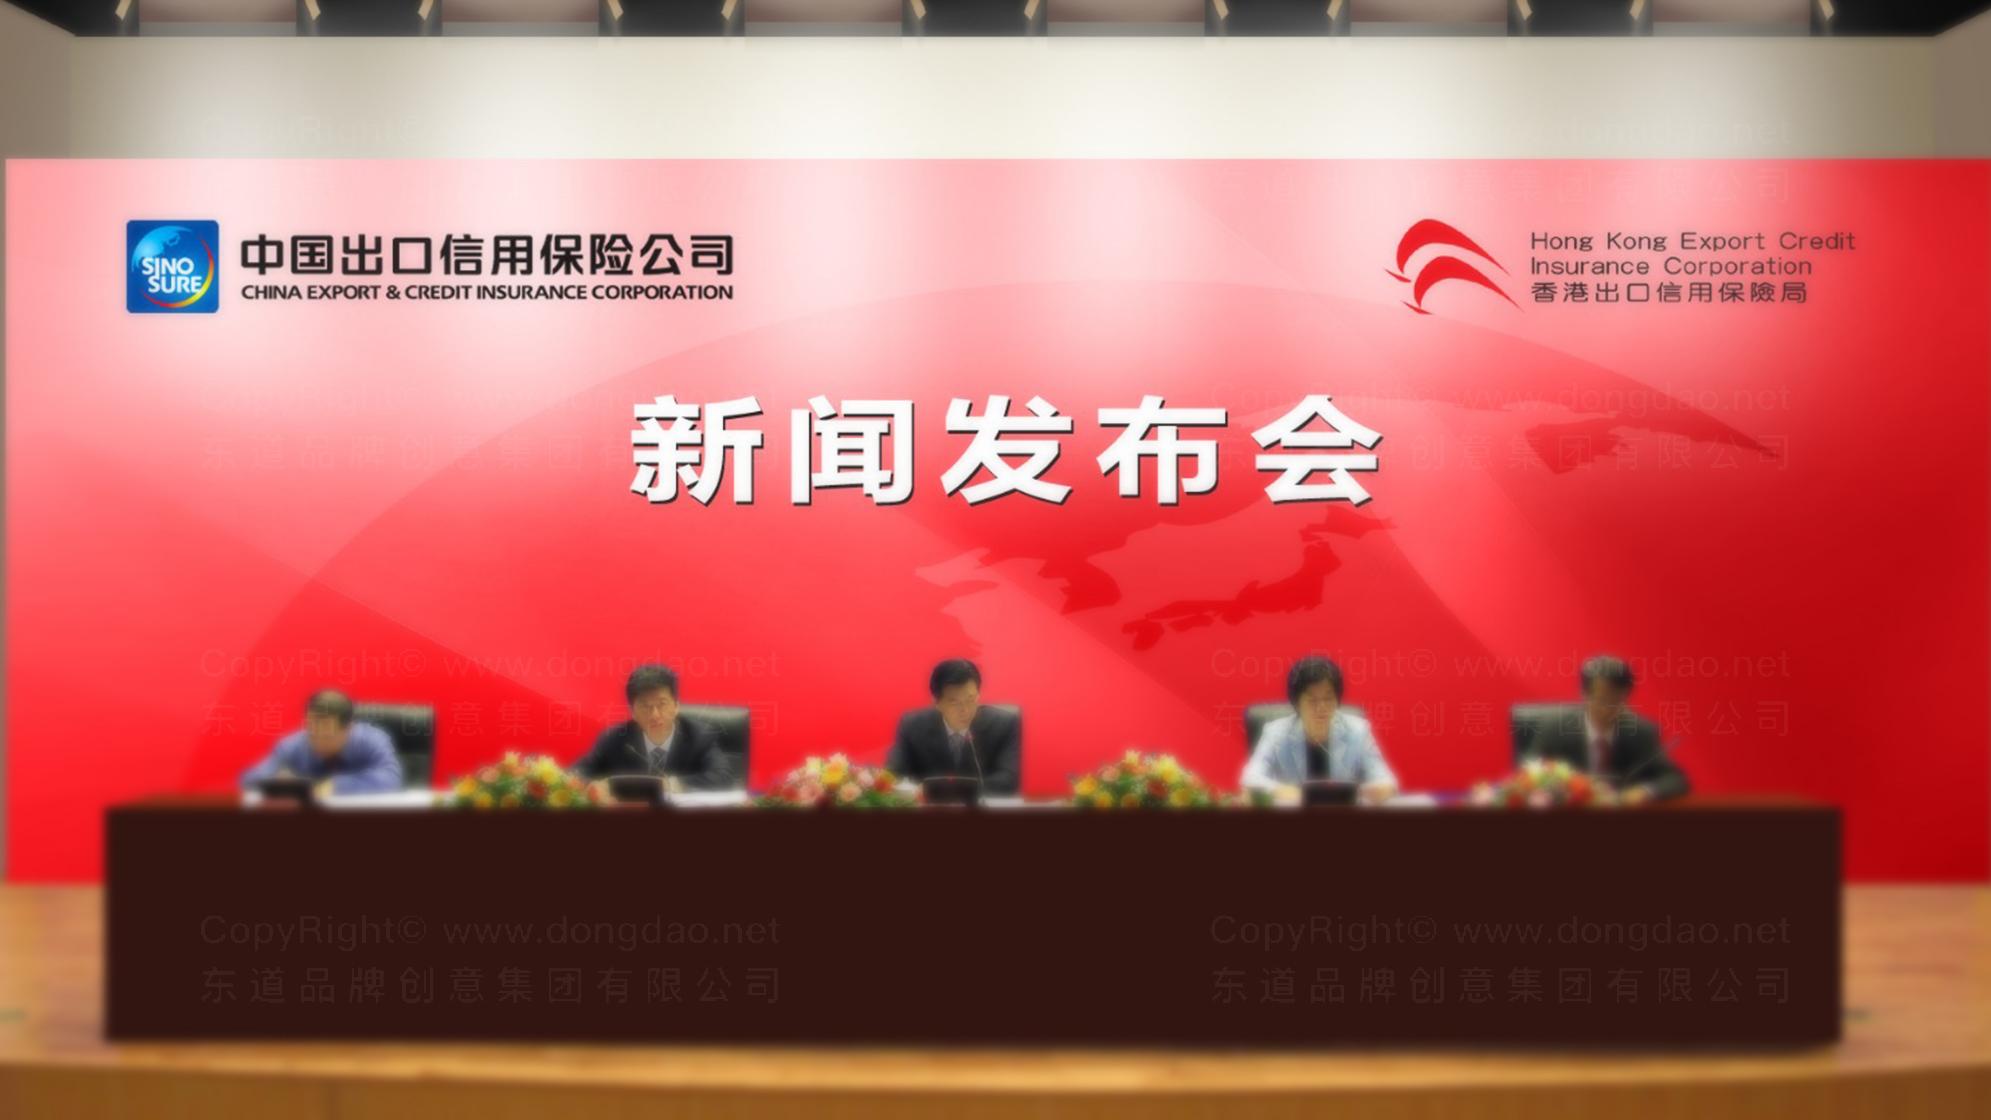 保险公司vi设计logo设计、vi设计应用场景_8